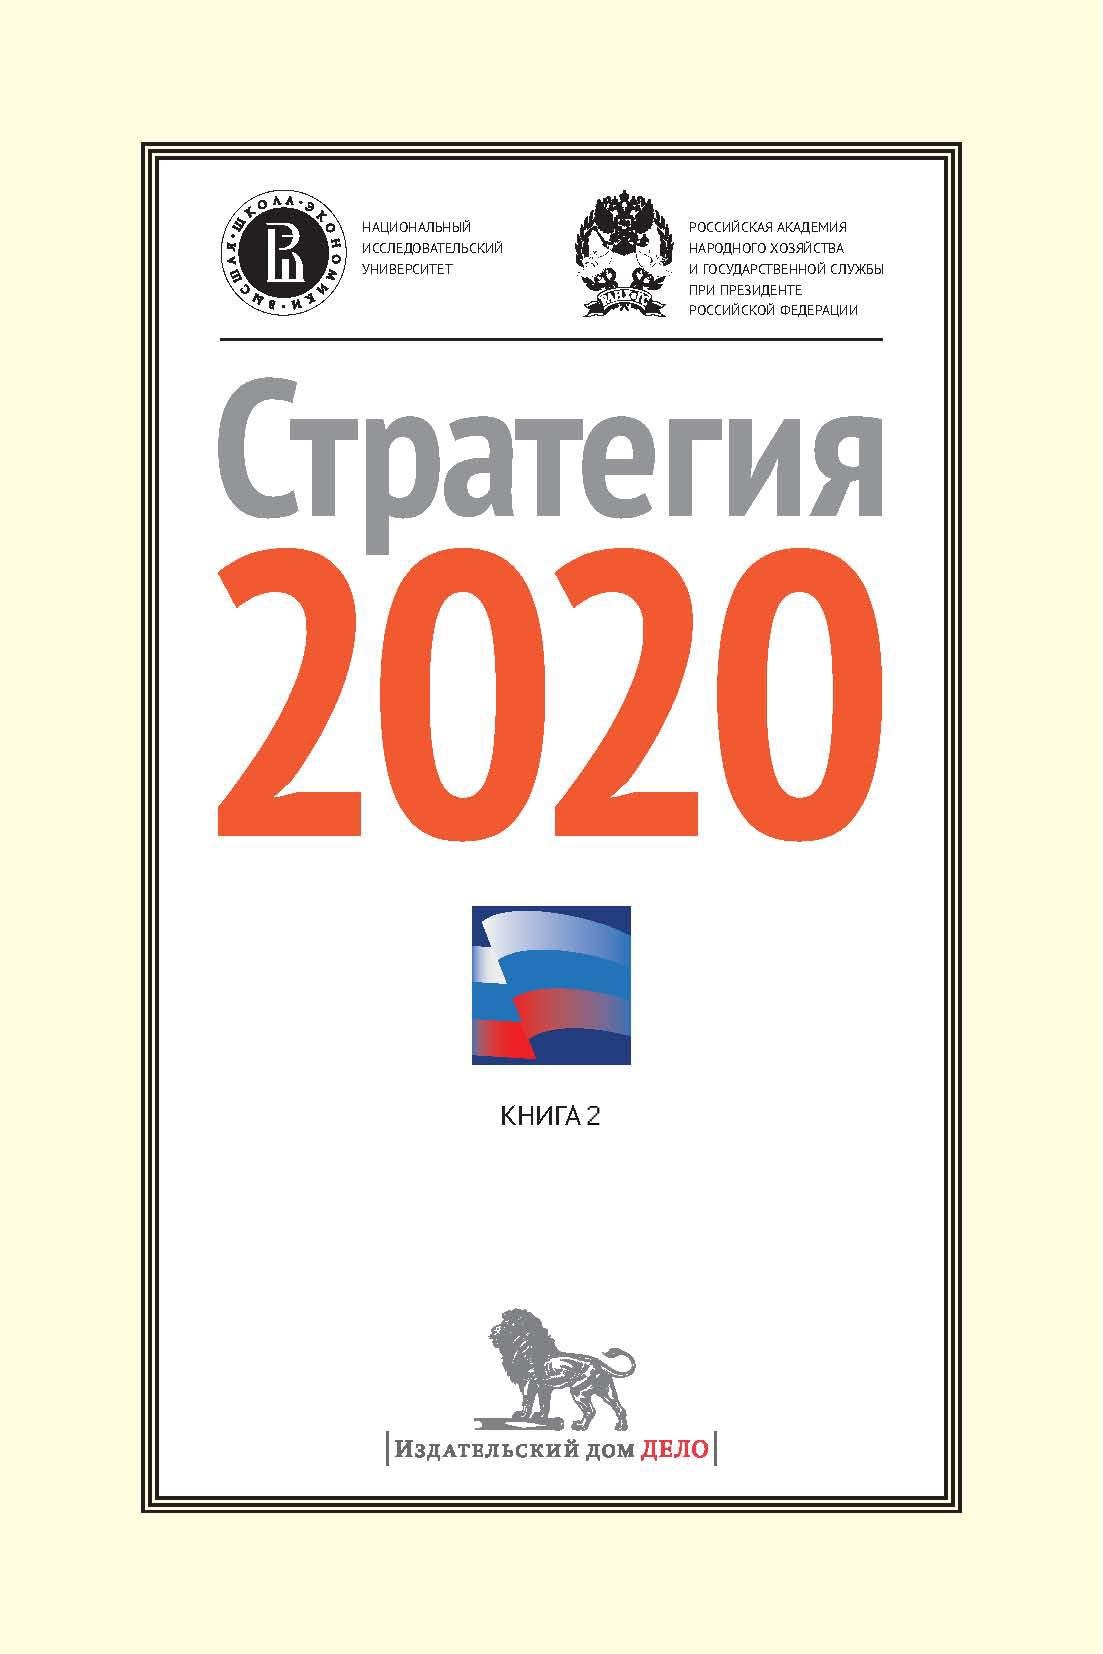 Стратегия-2020: Новая модель роста — новая социальная политика. Итоговый доклад о результатах экспертной работы по актуальным проблемам социально-экономической стратегии России на период до 2020 года